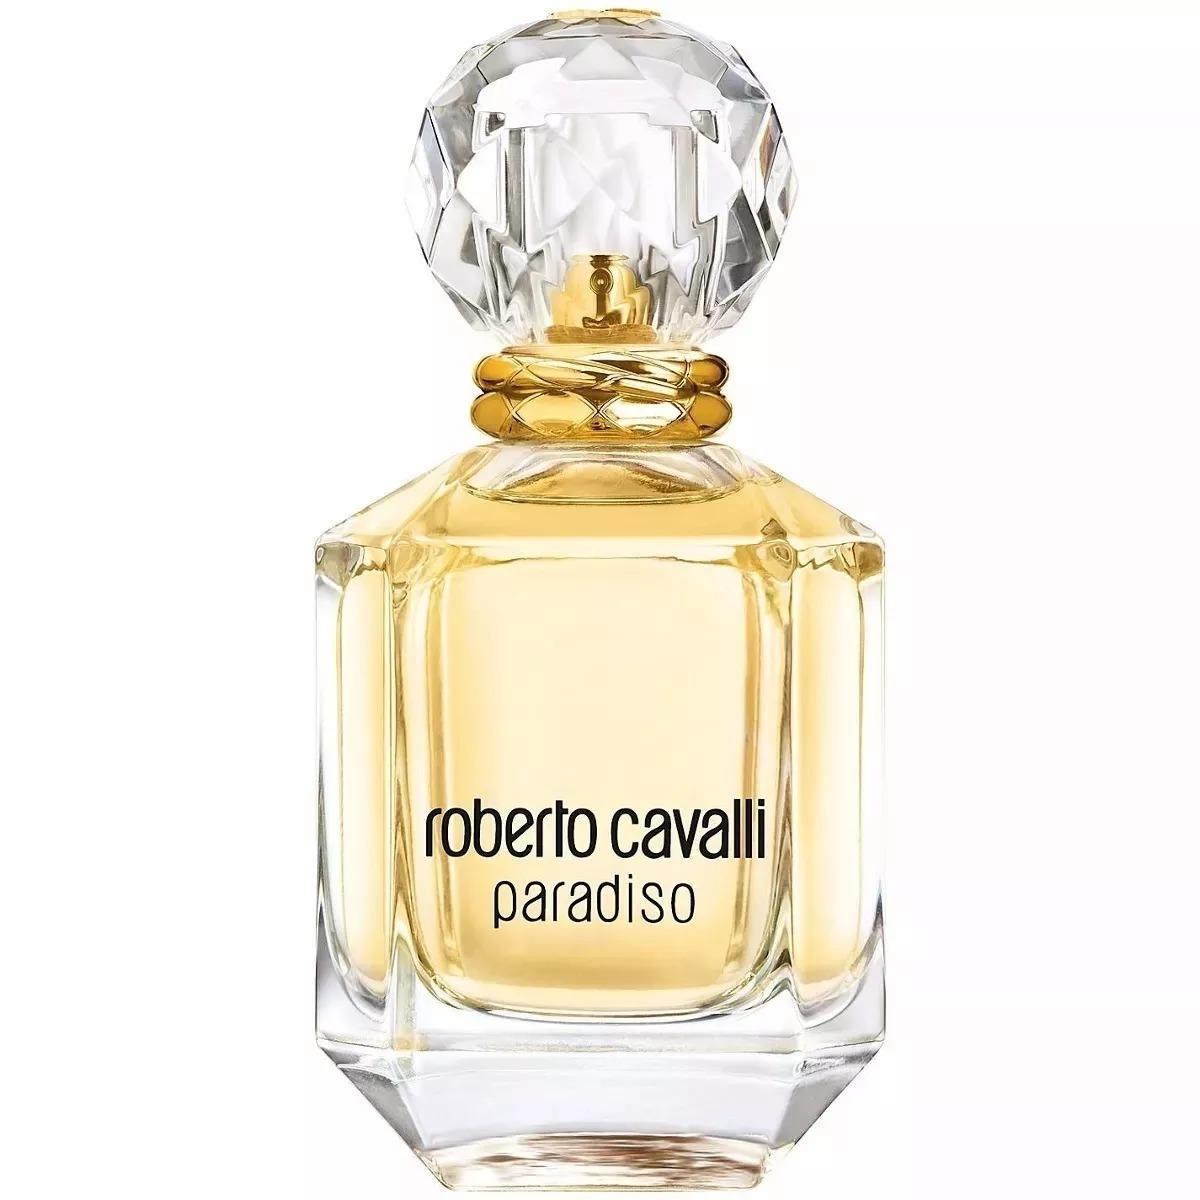 95dccf64c3813 Carregando zoom... cavalli feminino roberto · roberto cavalli feminino  paradiso eau de parfum 75ml